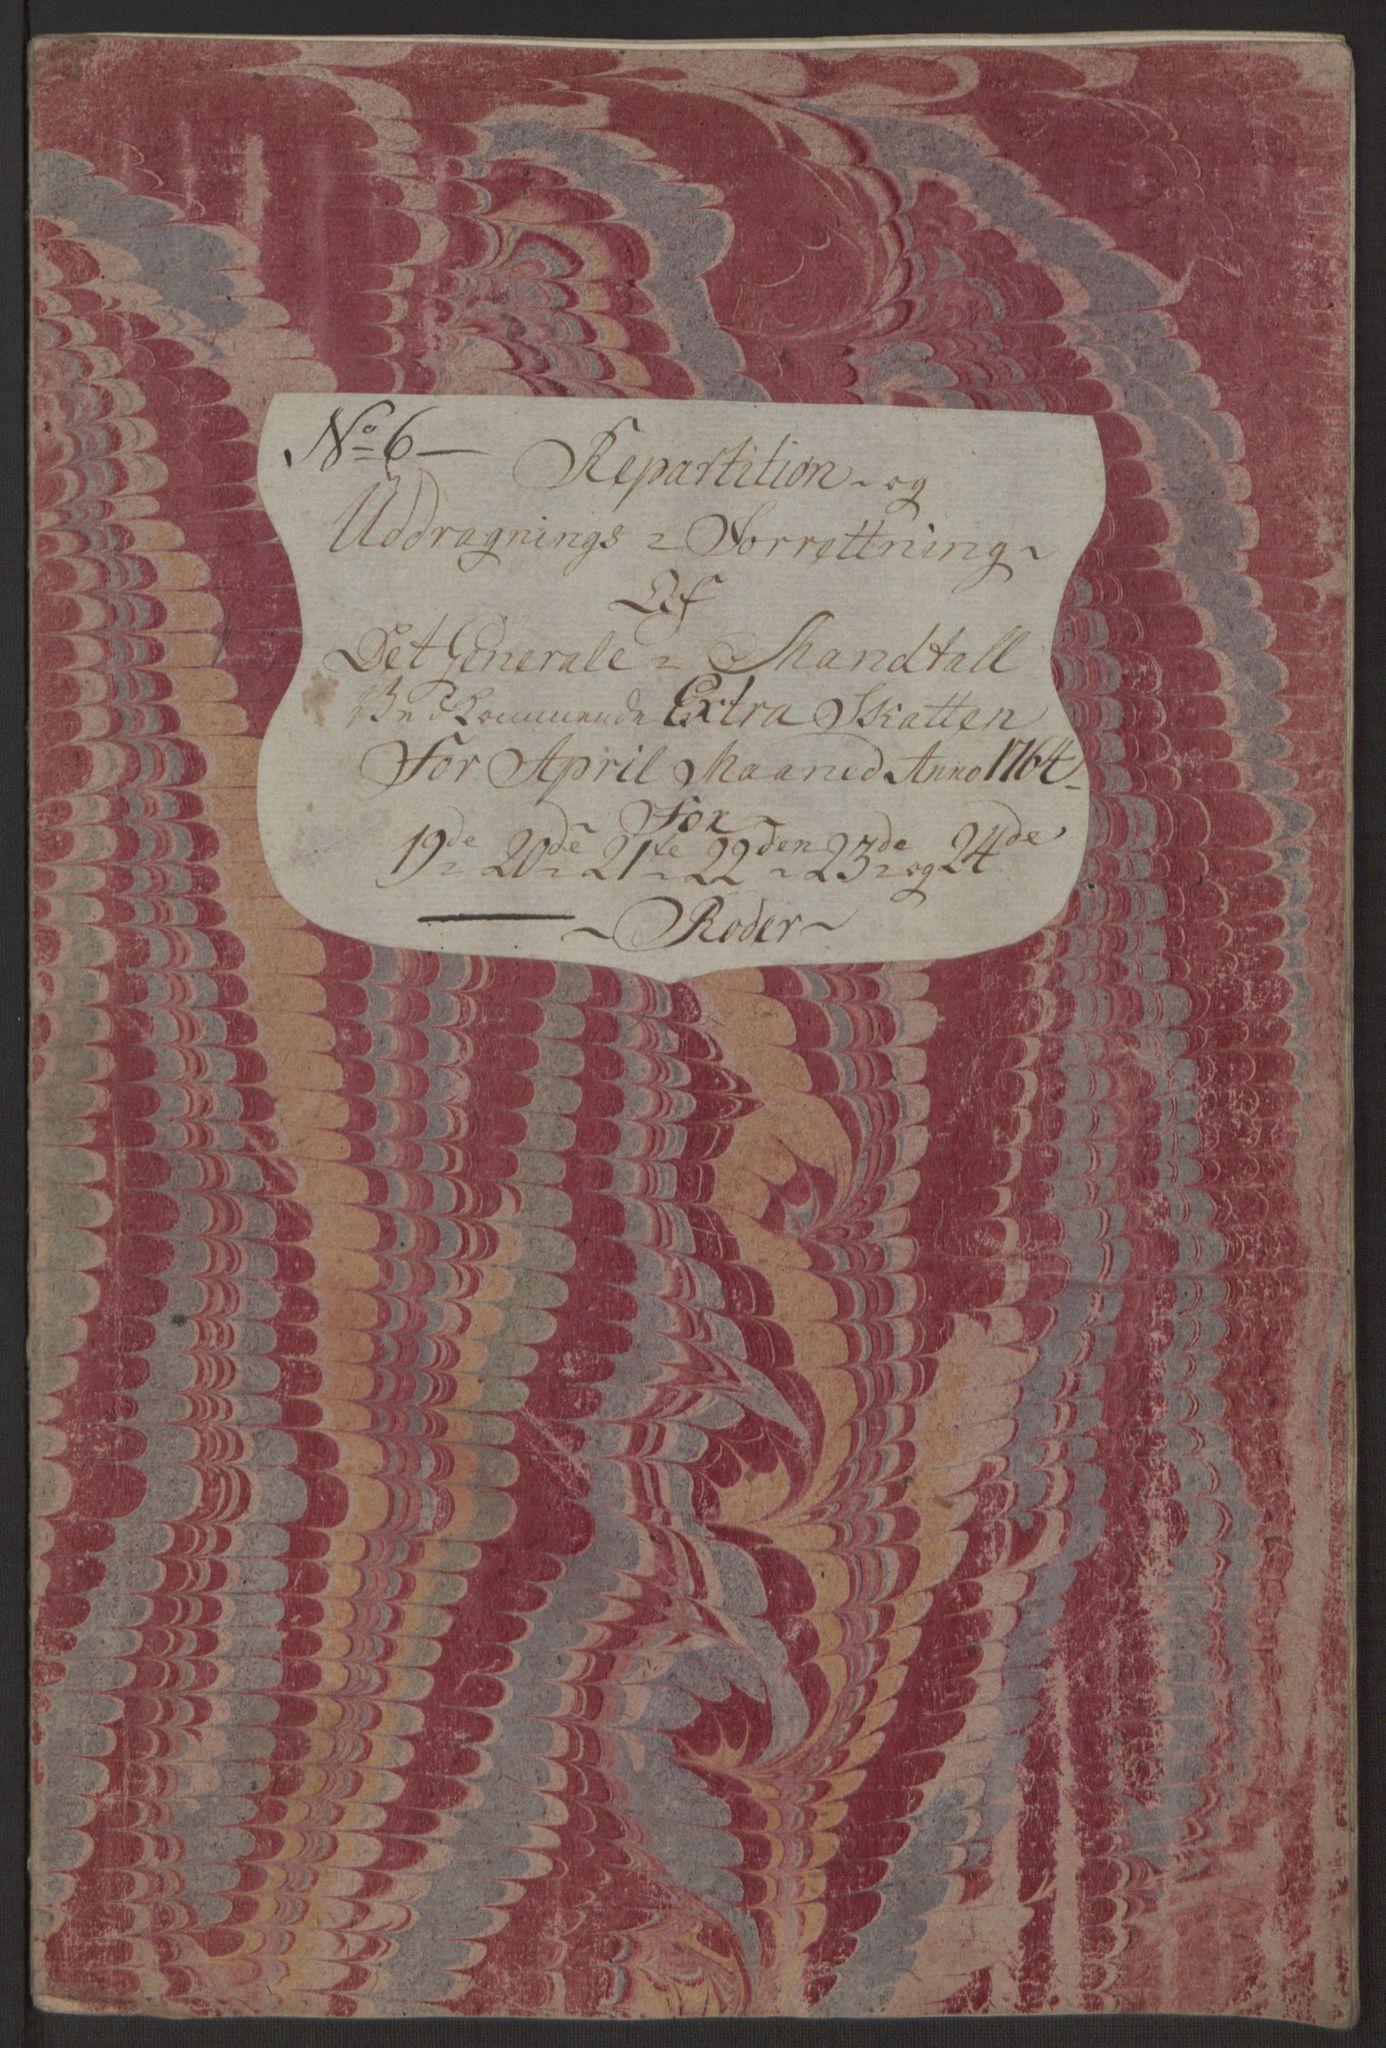 RA, Rentekammeret inntil 1814, Reviderte regnskaper, Byregnskaper, R/Rp/L0368: [P21] Kontribusjonsregnskap, 1764, s. 241